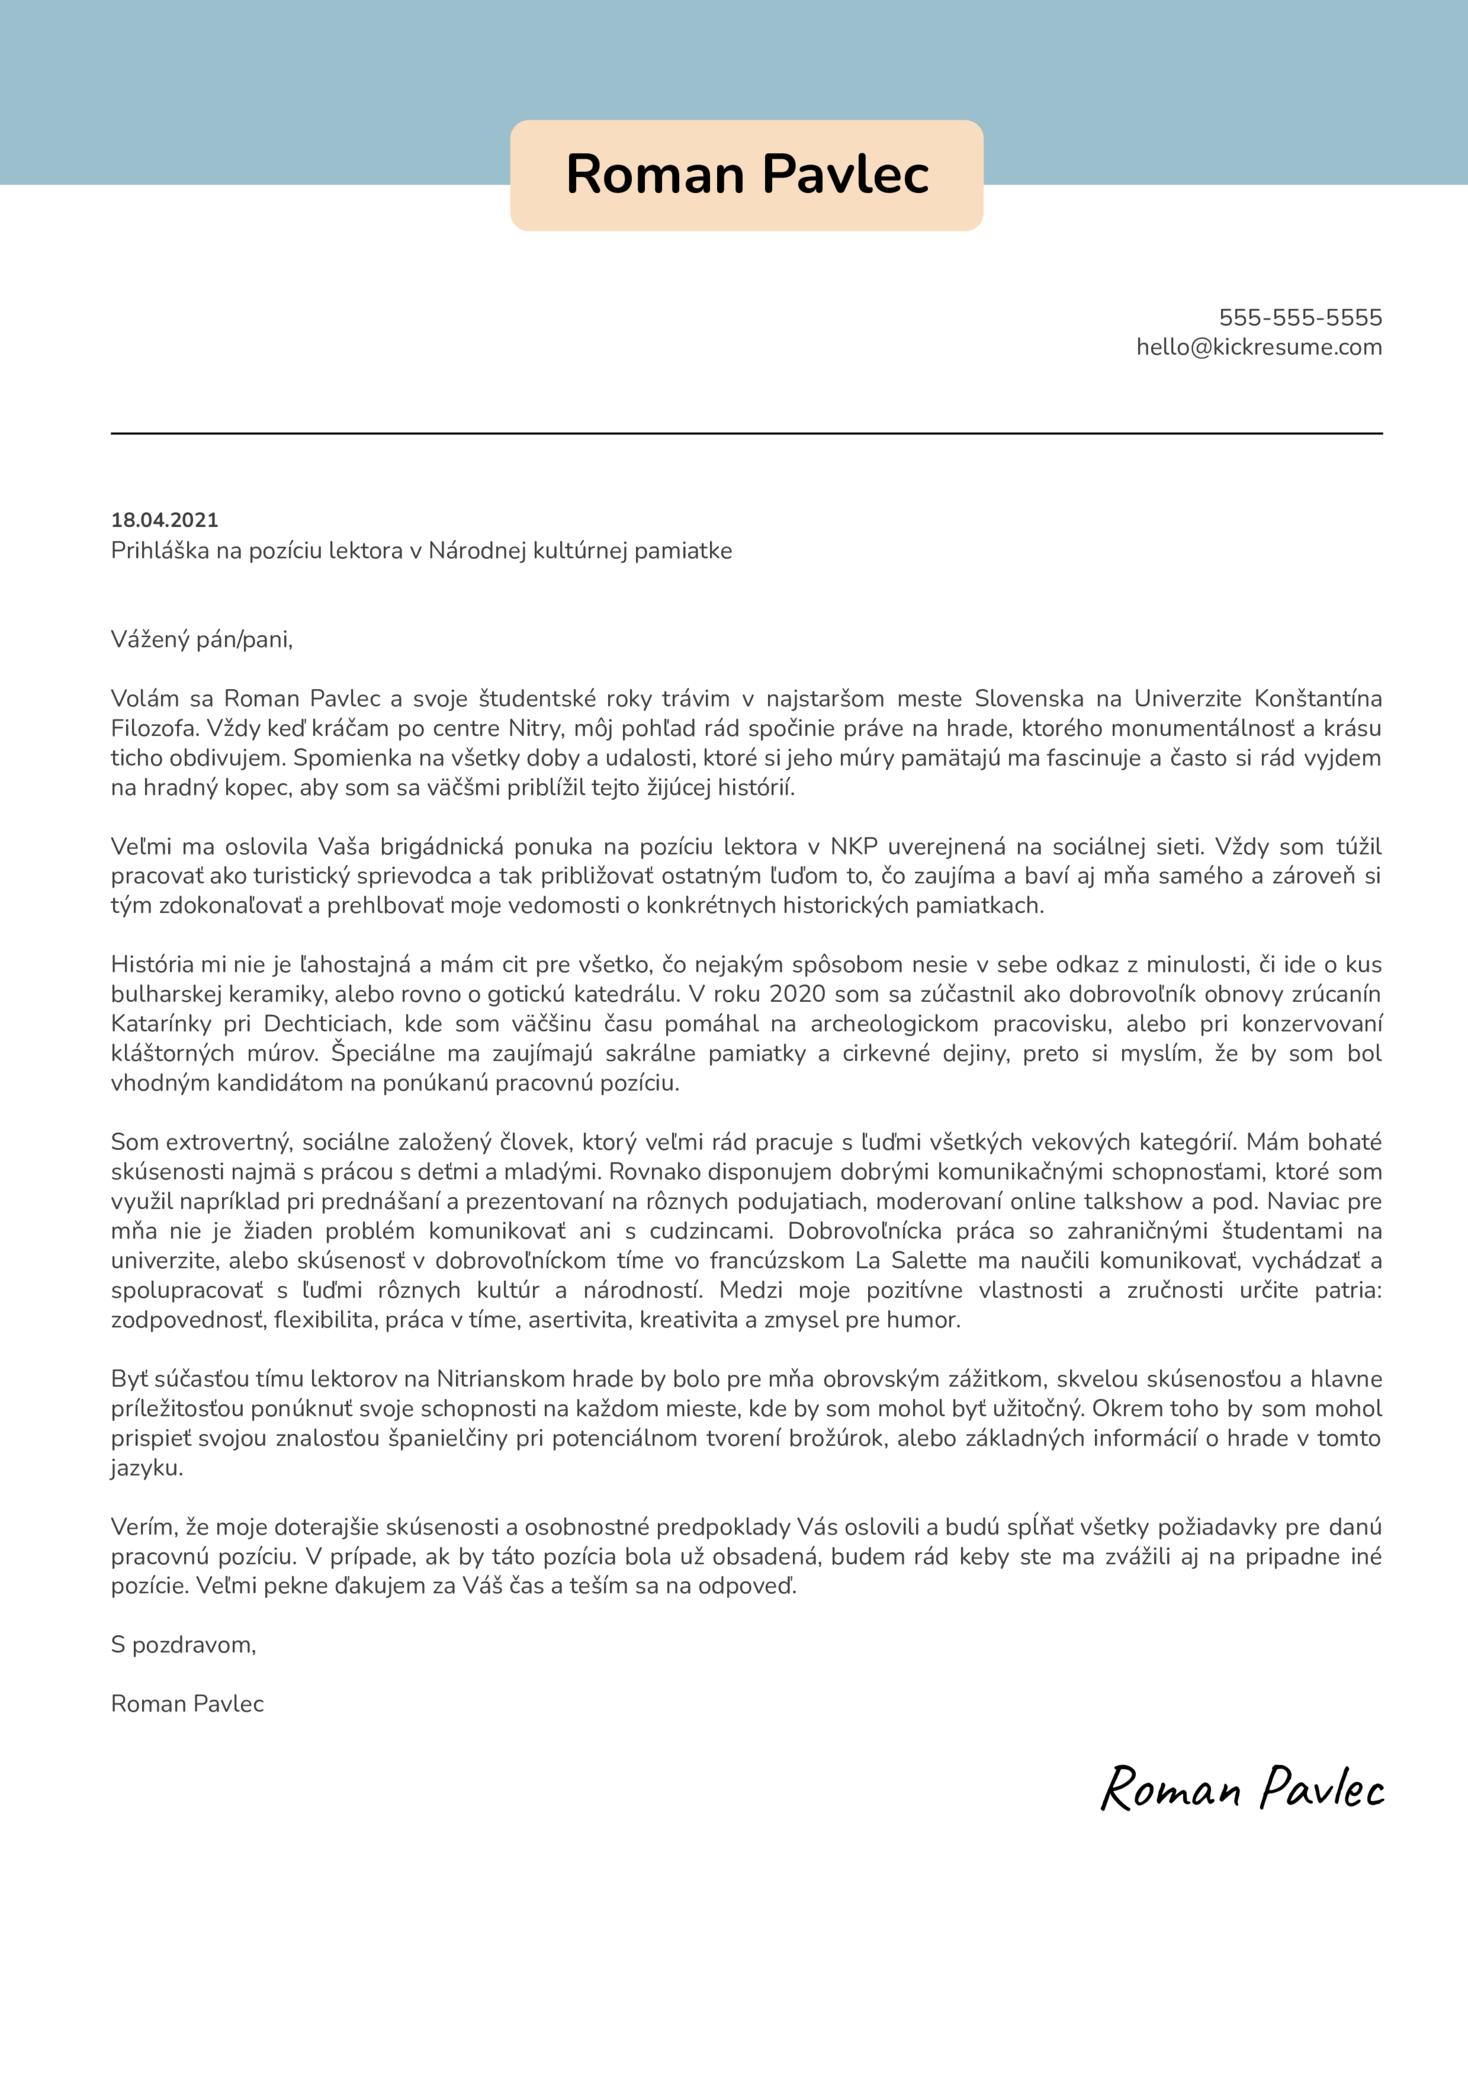 Turistický sprievodca/Lektor - Nitriansky hrad Motivačný list [SK]